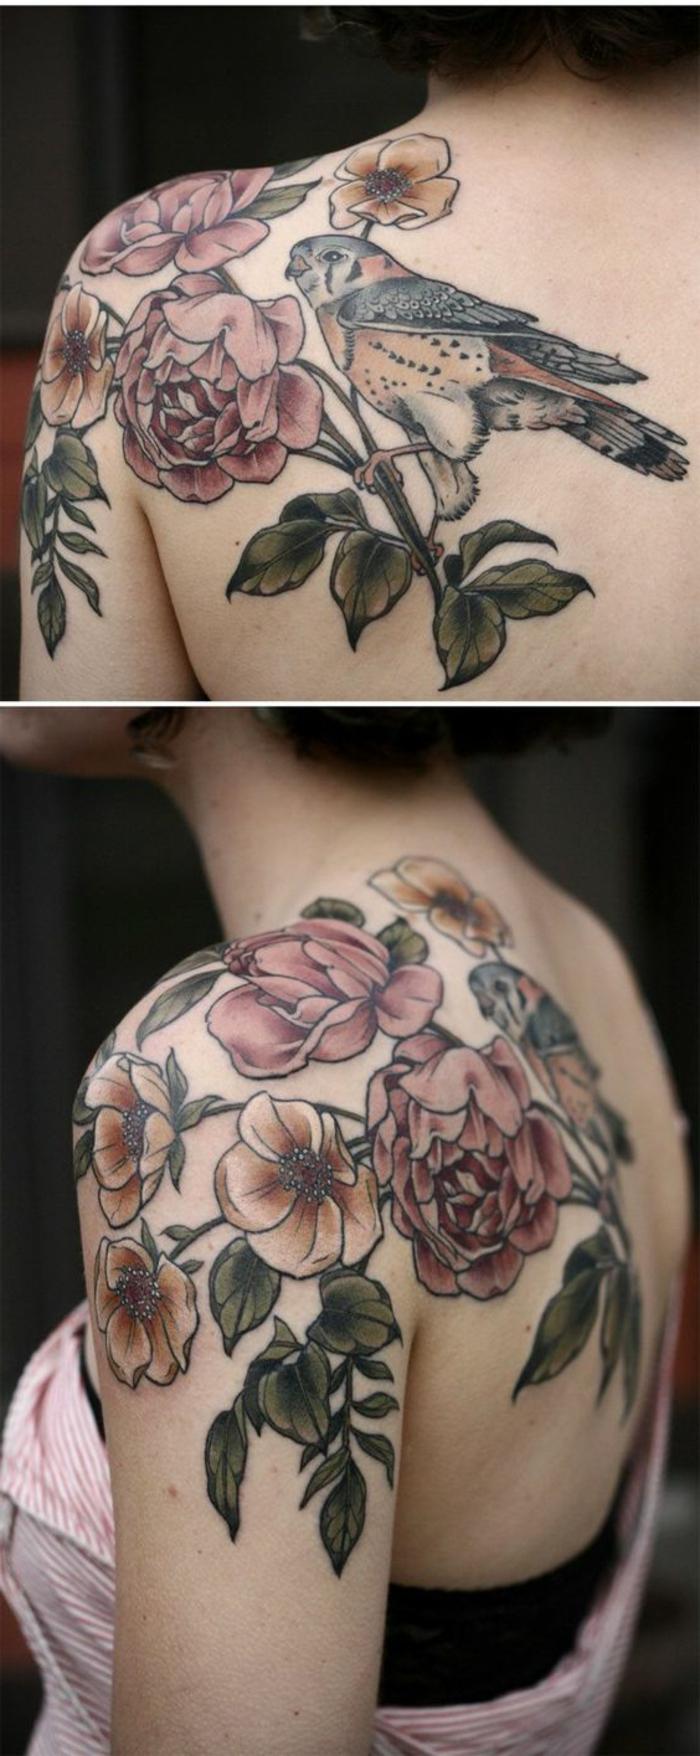 pivoine signification, branche pivoine avec oiseau perché, tatouage femme épaule